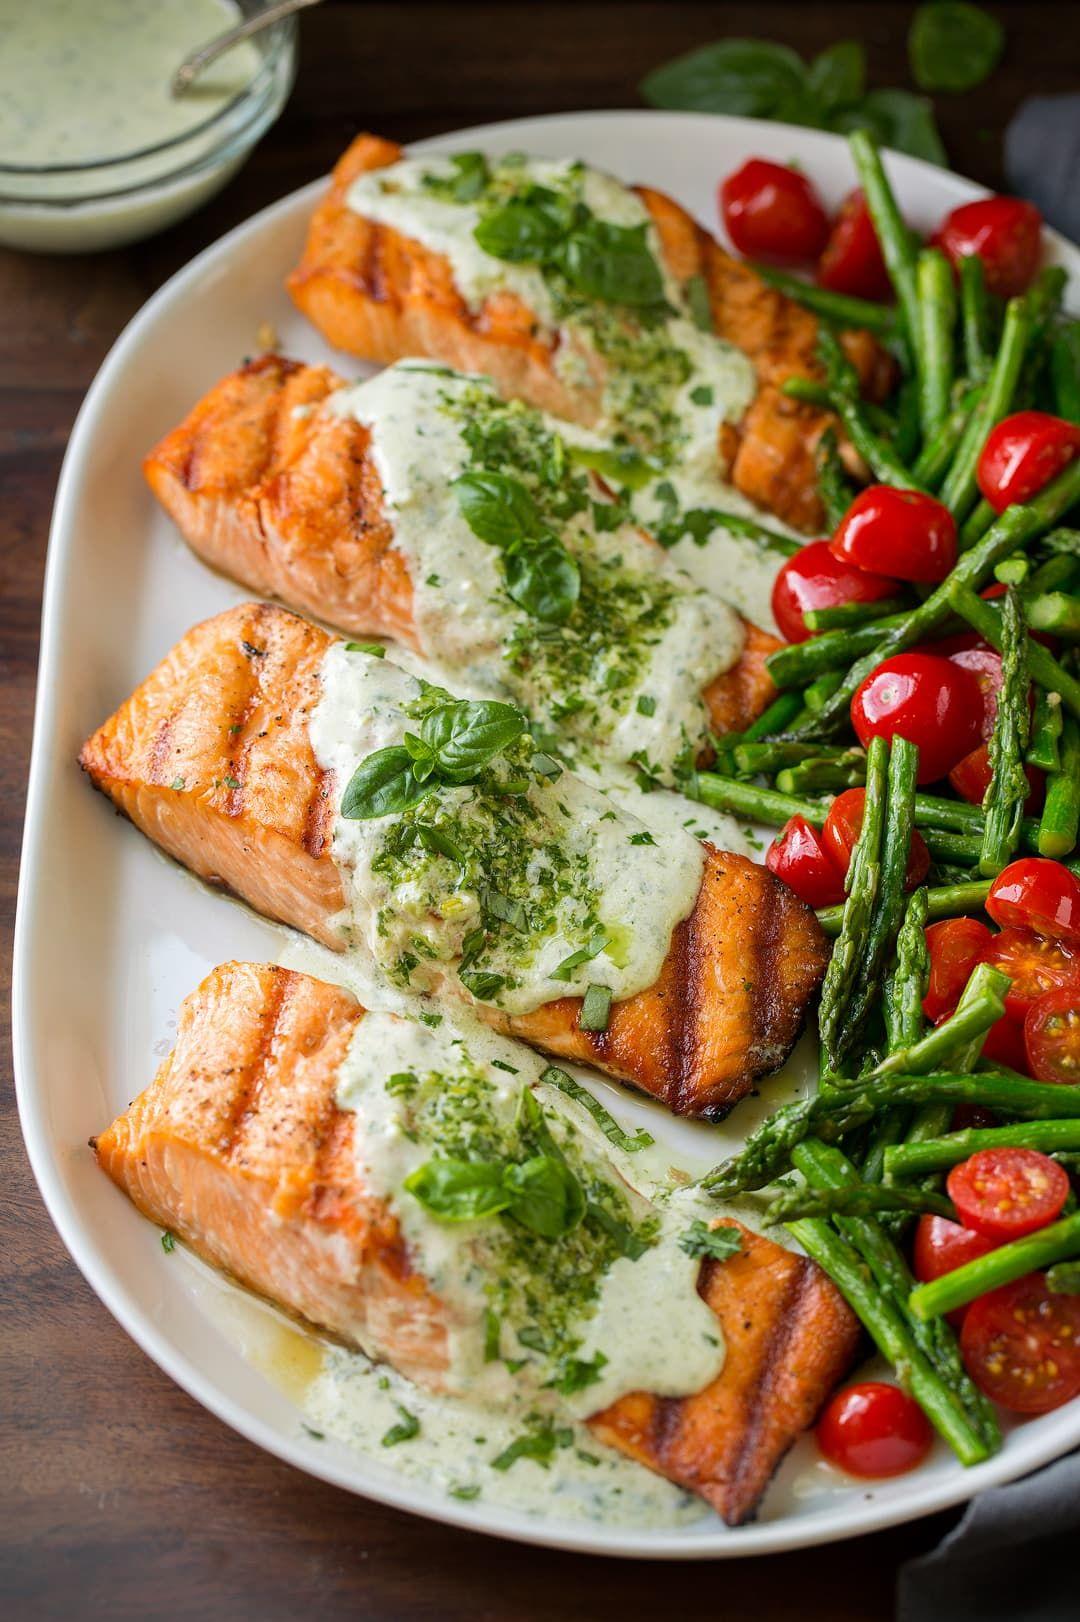 берут ужин из рыбы рецепты с фото французкий стиль